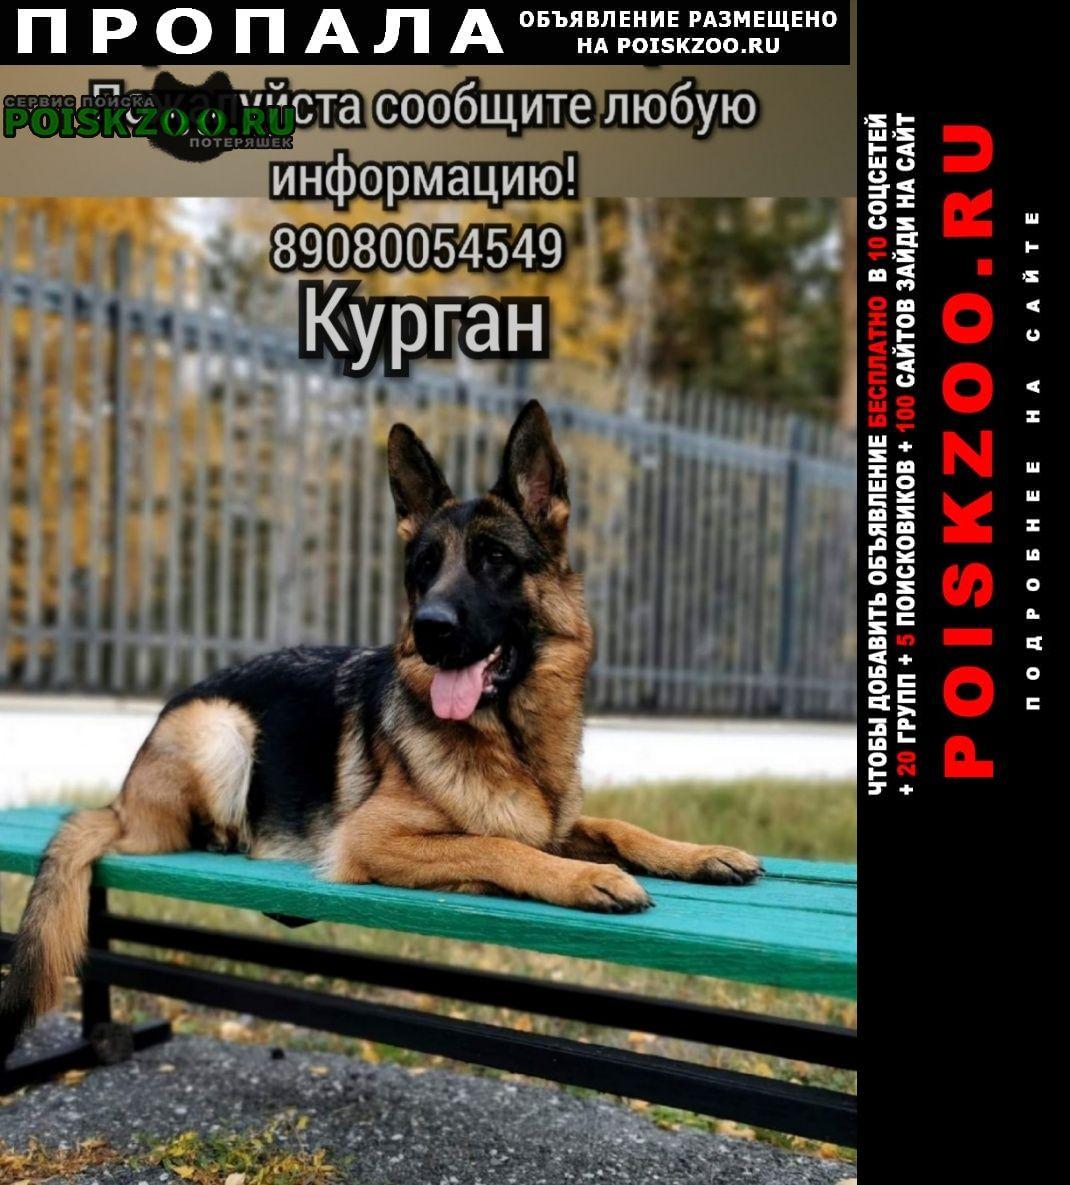 Курган Пропала собака вознаграждение